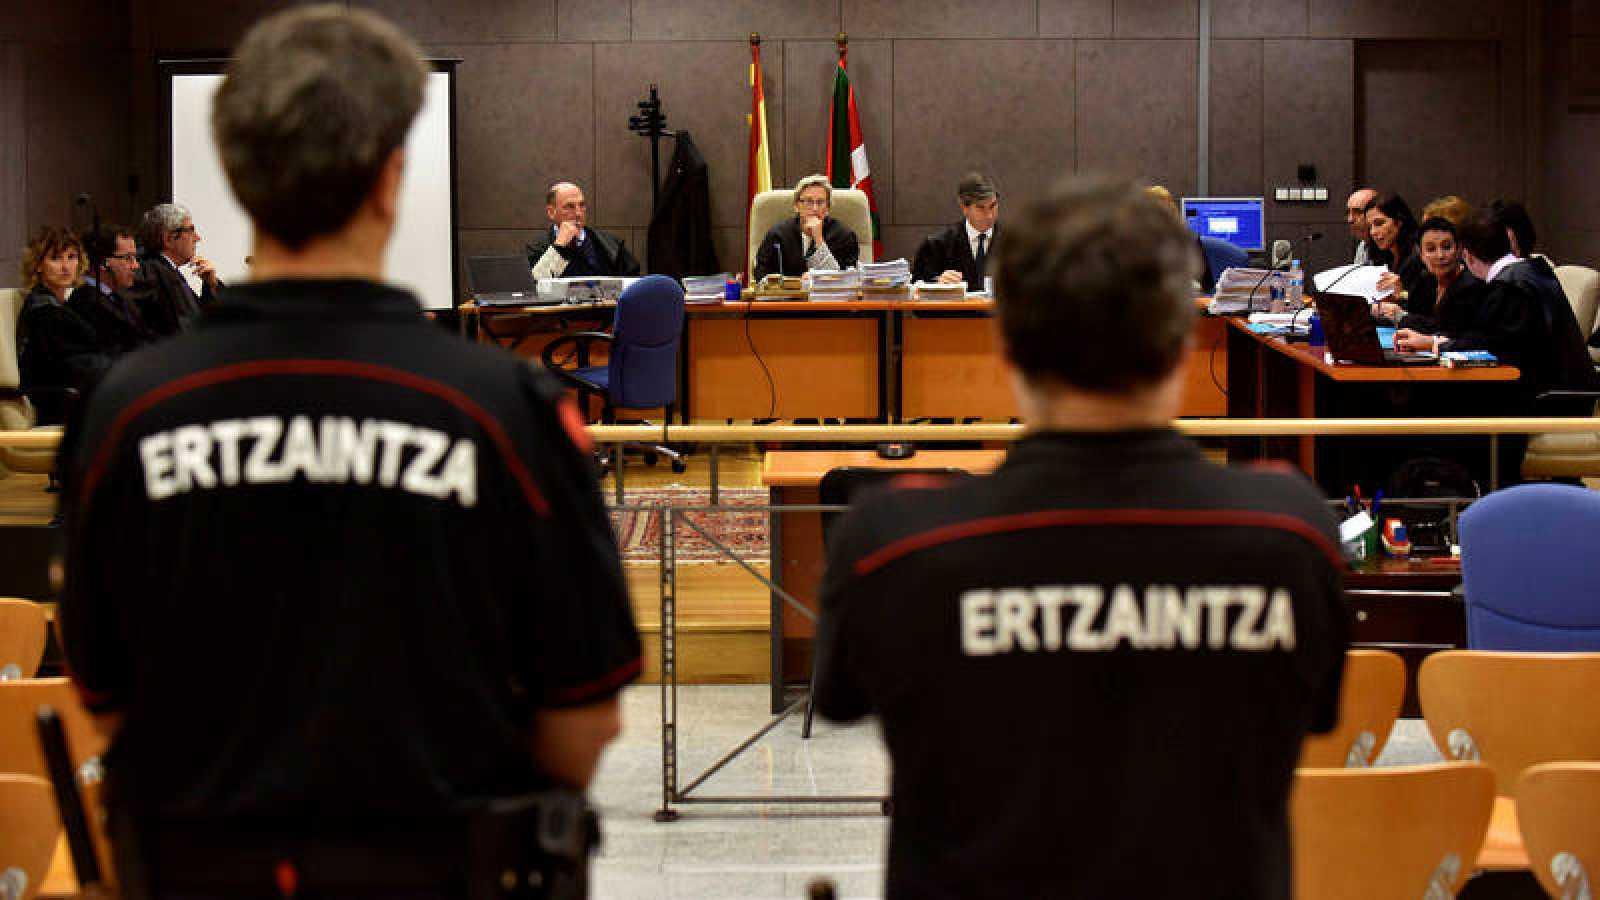 Imagen de la cuarta sesión del juicio contra seis agentes de la Ertzaintza por la muerte de Iñigo Cabacas.